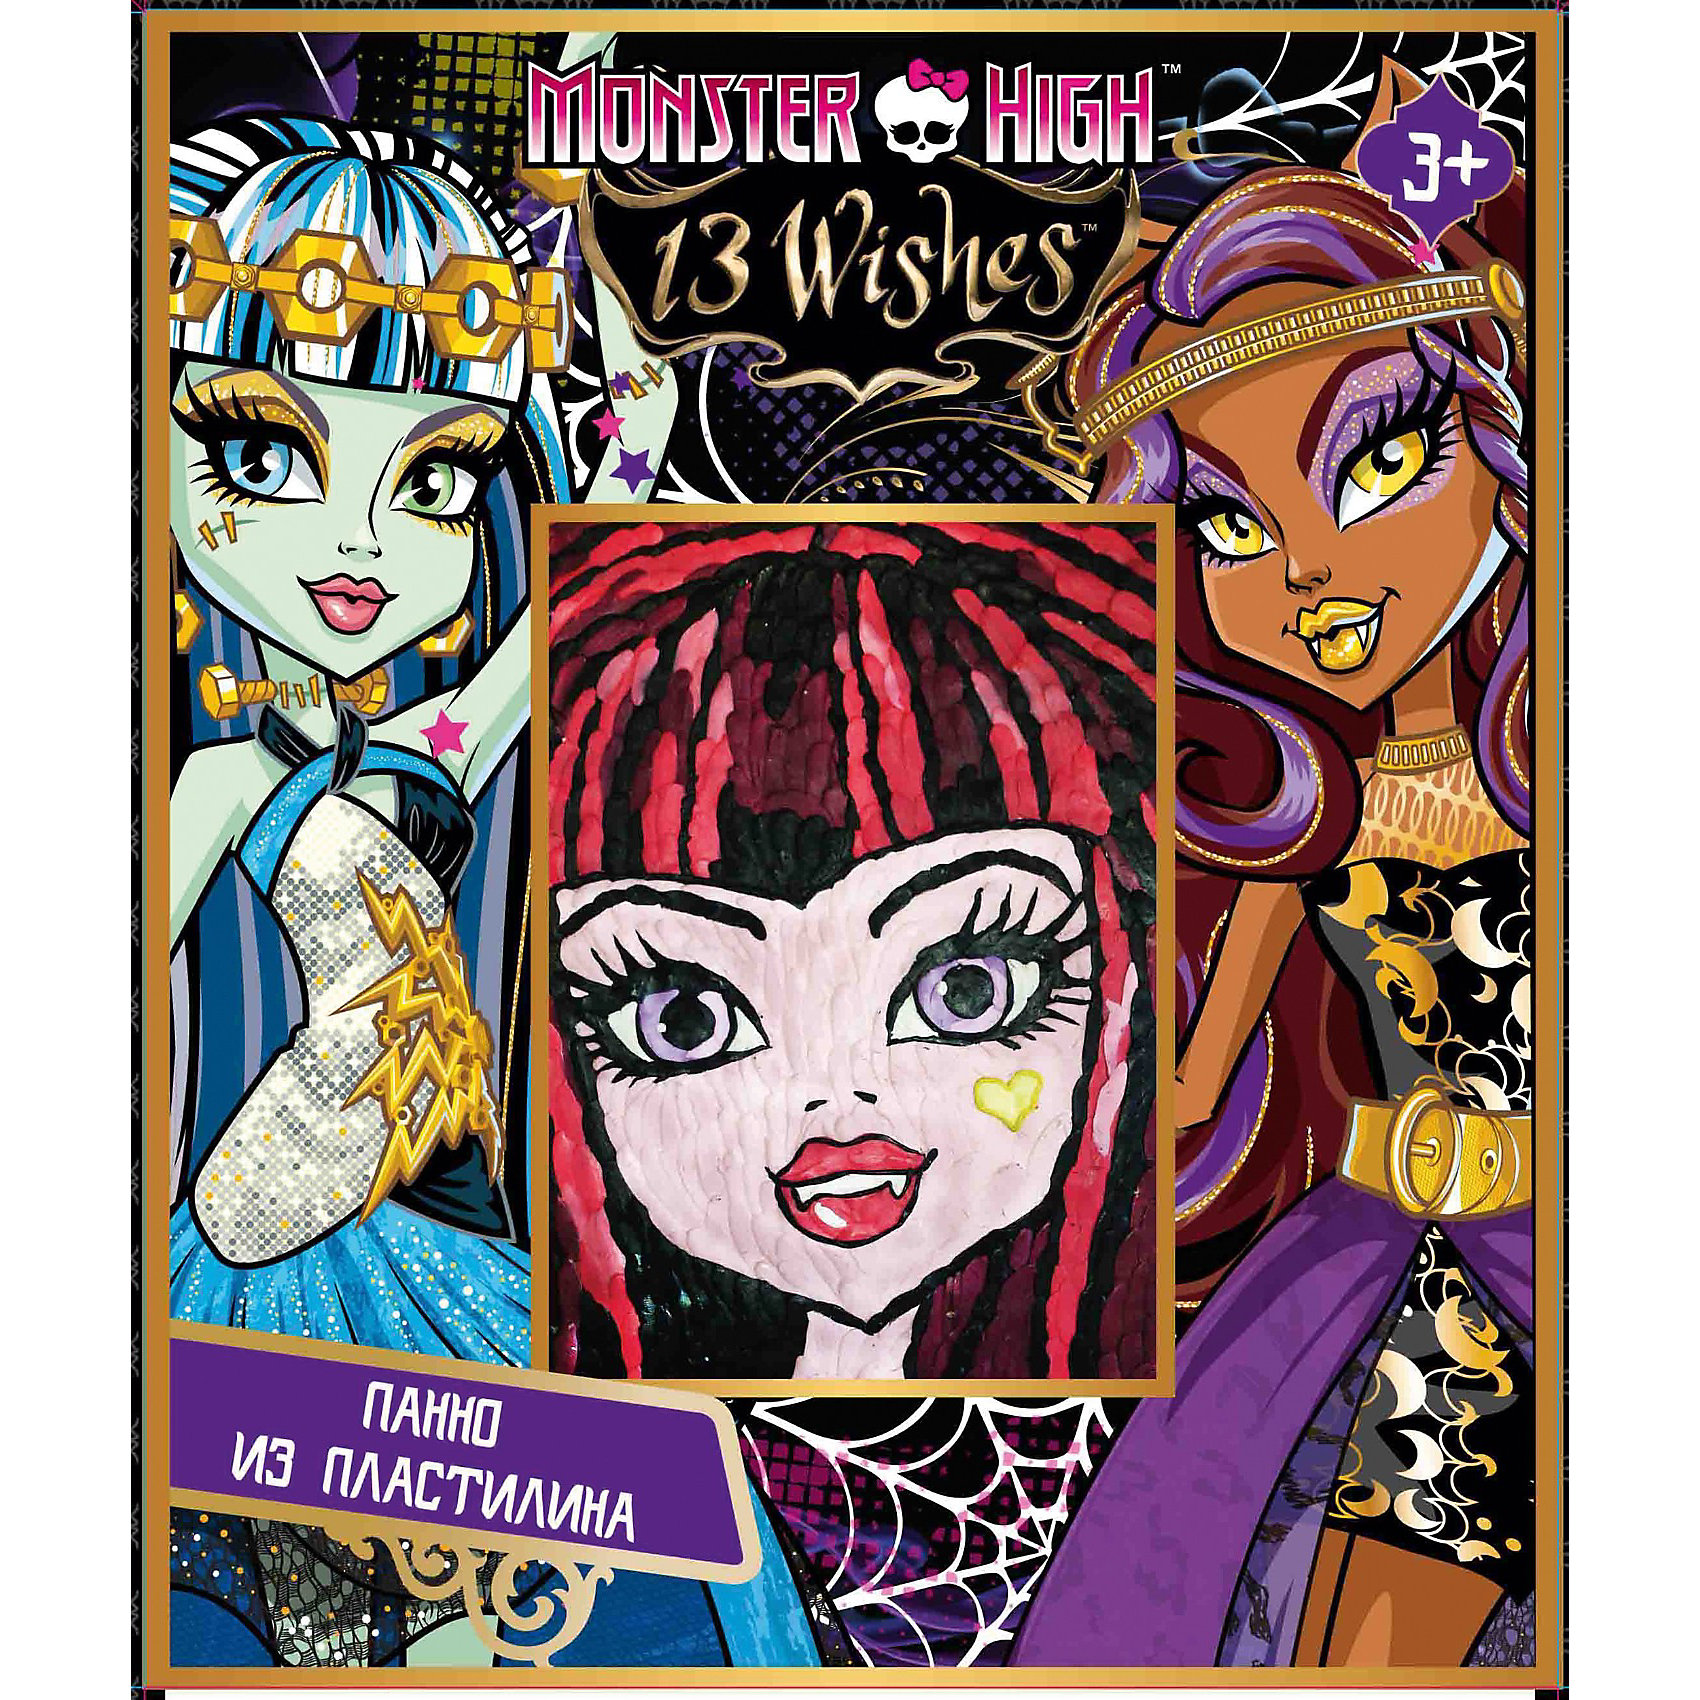 Панно из пластилина, Monster HighНаборы для лепки<br>Панно из пластилина, Monster High - увлекательный набор для детского творчества, который станет приятным сюрпризом для юной поклонницы популярного мультсериала Школа монстров. С помощью картинки-основы и пластилина разных цветов она сможет создать красочный портрет одной из героинь любимого мультфильма. Картинка украсит комнату Вашей девочки или станет подарком, сделанным собственными руками для ее друзей и родственников.<br><br>Дополнительная информация:<br><br>- В комплекте: пластилин 10 цветов, стек, картинка-основа. <br>- Размер упаковки: 19 ? 5 ? 22 см.<br>- Вес: 0,3 кг.<br><br>Панно из пластилина, Monster High (Монстр Хай) можно купить в нашем интернет-магазине.<br><br>Ширина мм: 50<br>Глубина мм: 185<br>Высота мм: 225<br>Вес г: 300<br>Возраст от месяцев: 36<br>Возраст до месяцев: 132<br>Пол: Женский<br>Возраст: Детский<br>SKU: 3866749